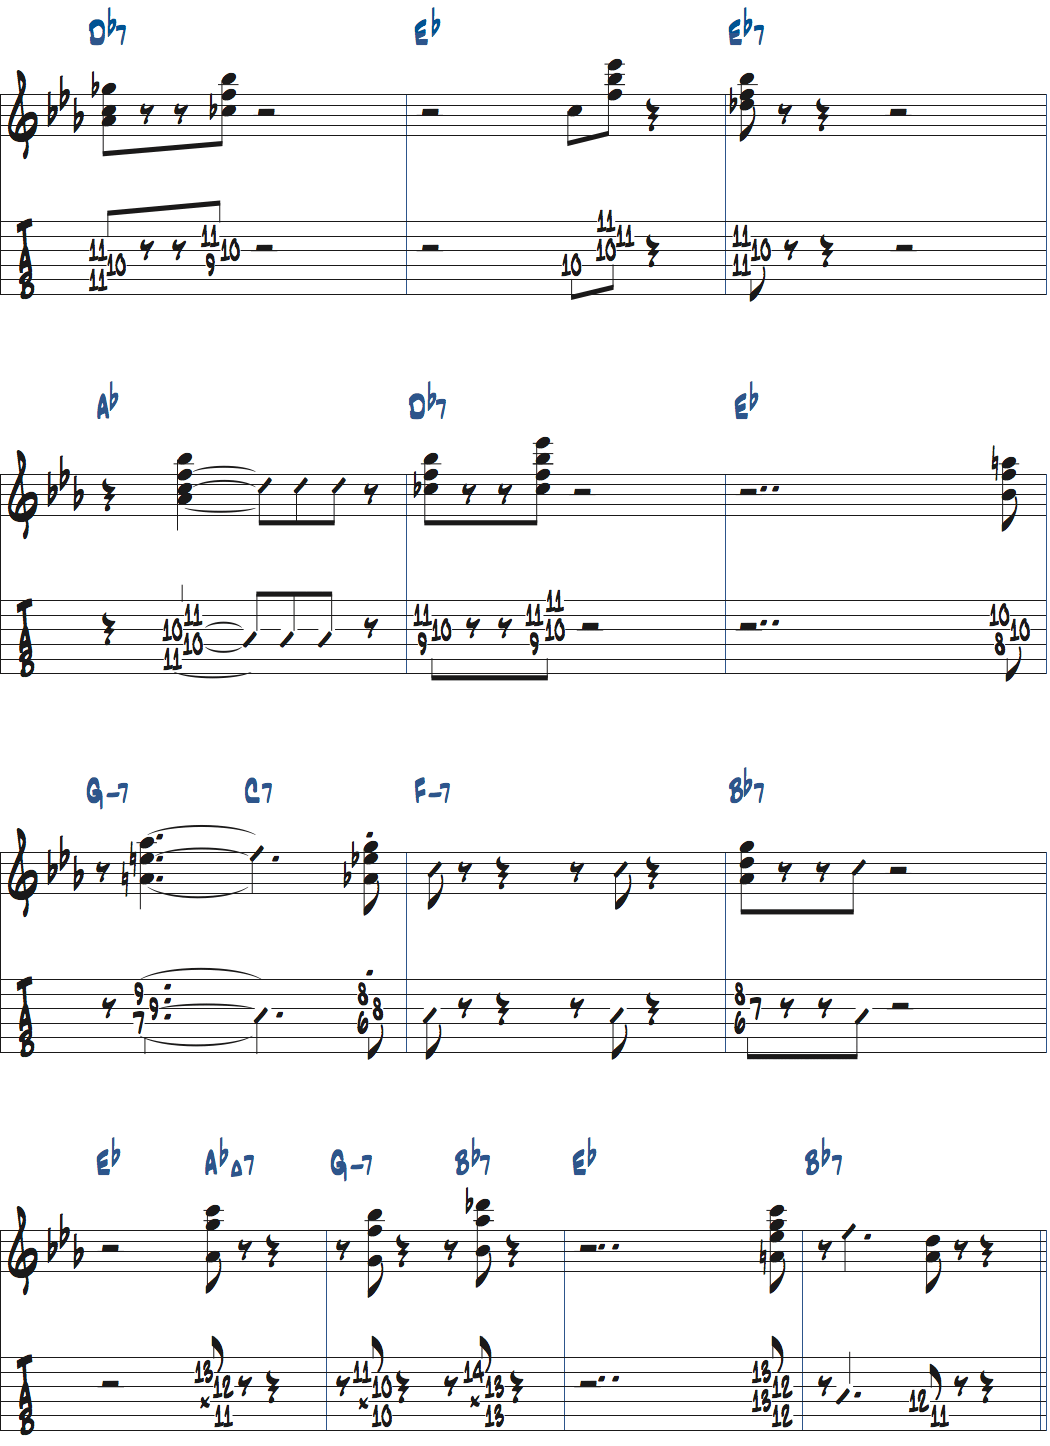 ジムホールのWithout a Songサックスのコンピング1コーラス目楽譜ページ2